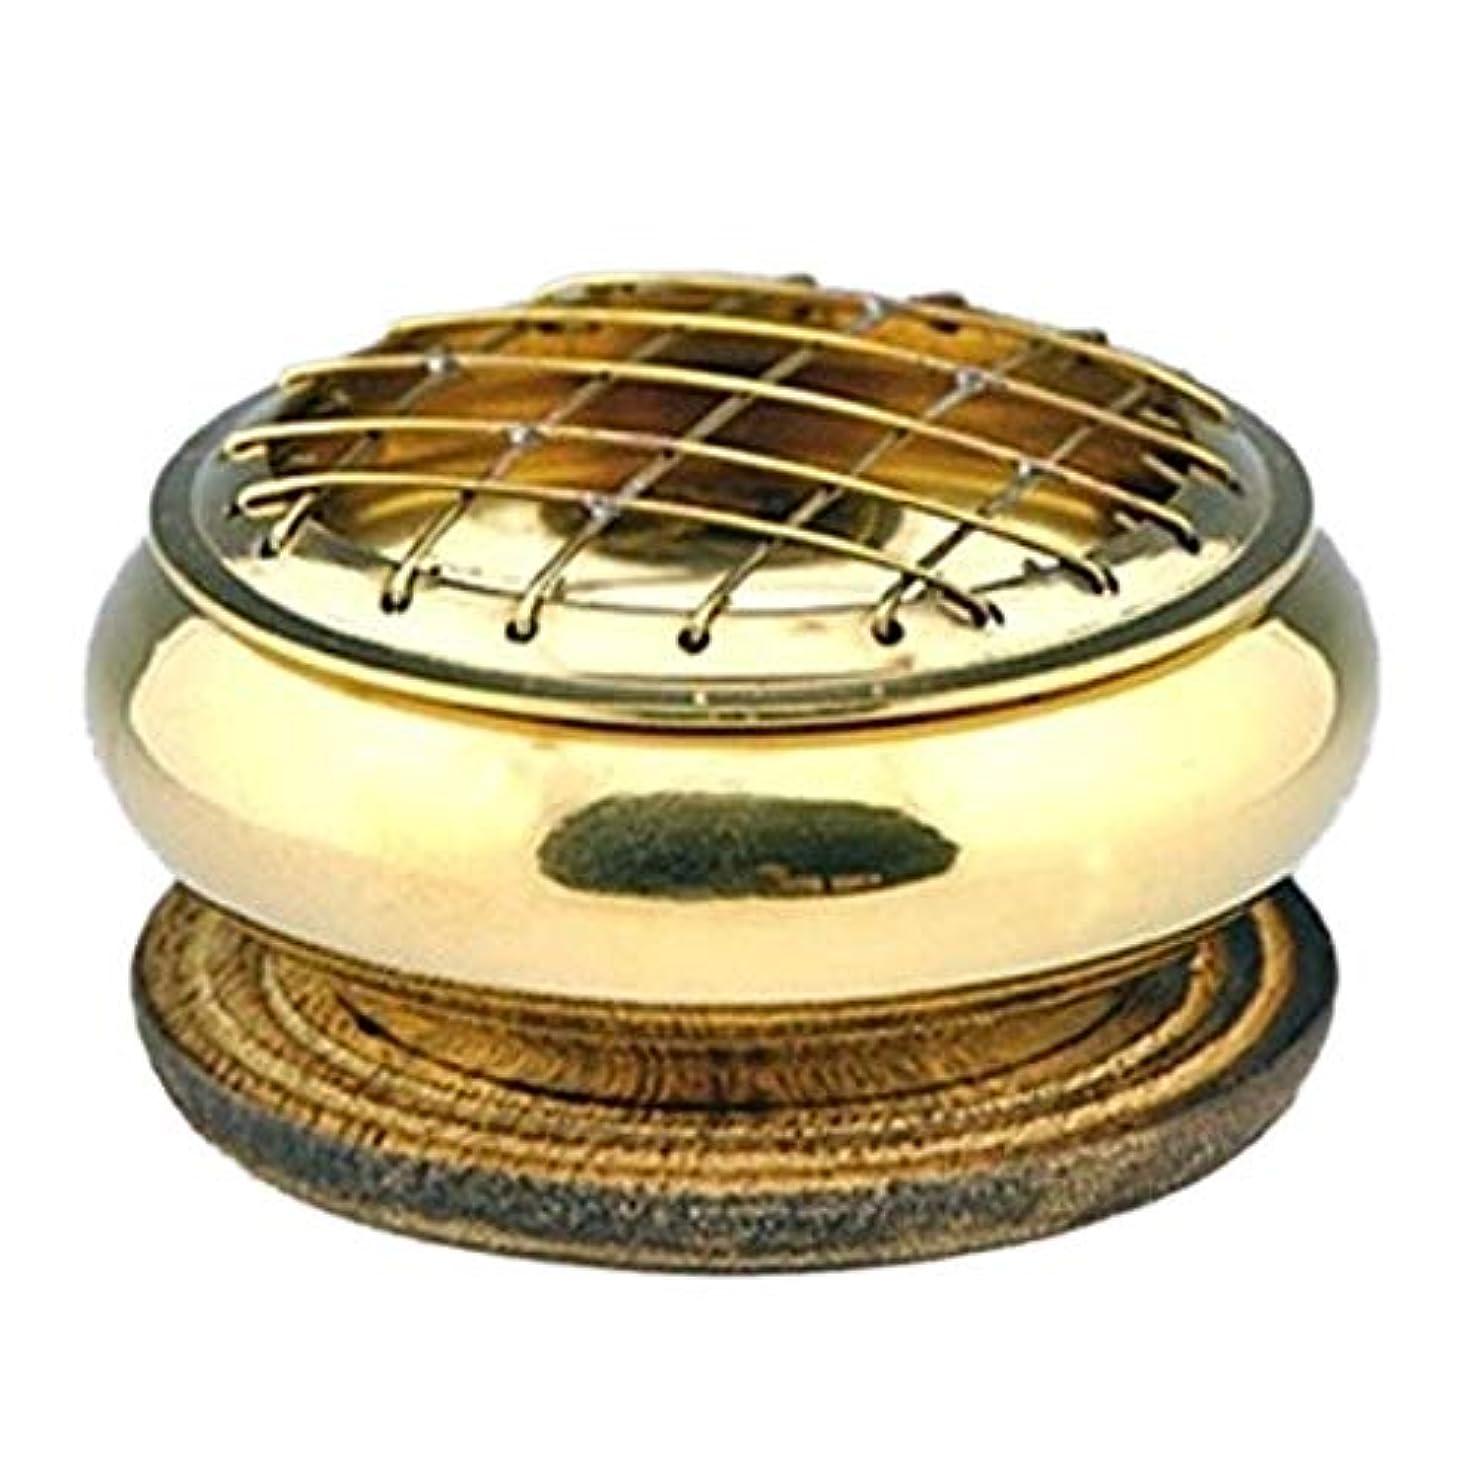 巻き取りわずかな番目Sacred Tiger Incense Sampler Kit with Charcoal and Burner Shipped in a Beautiful Gift/Storage Box